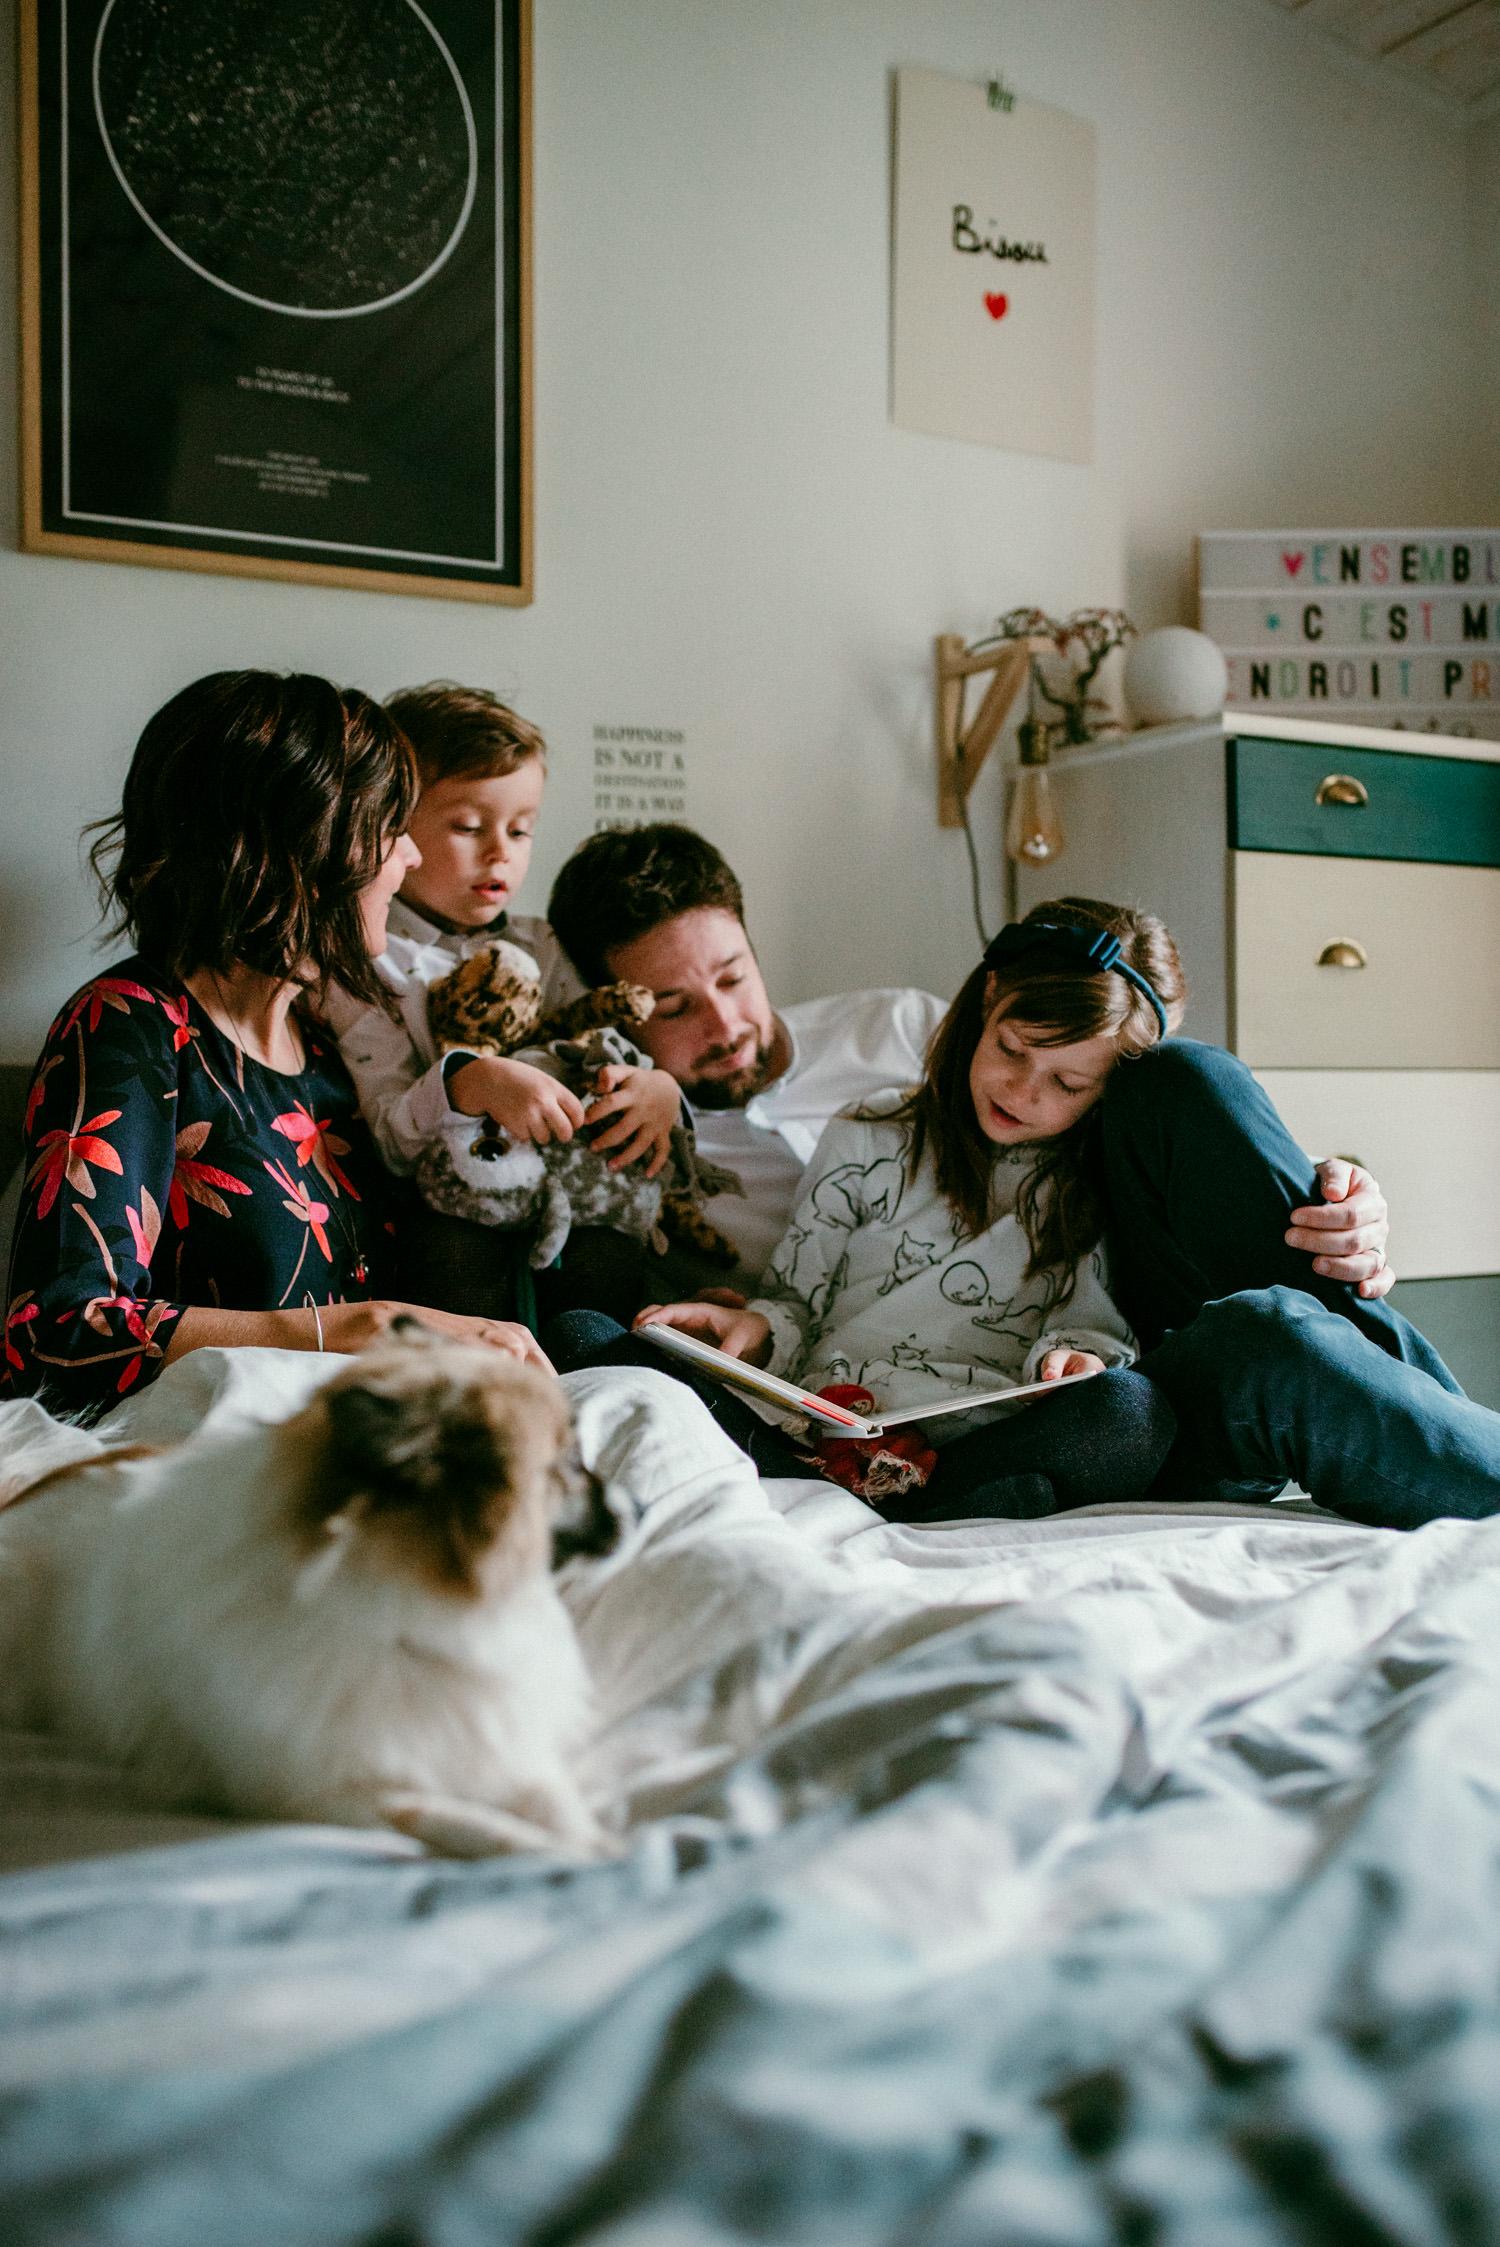 portrait fait sur le lit pendant une seance famille à domicile. On y voit 2 enfants et les parents, tous connectés.